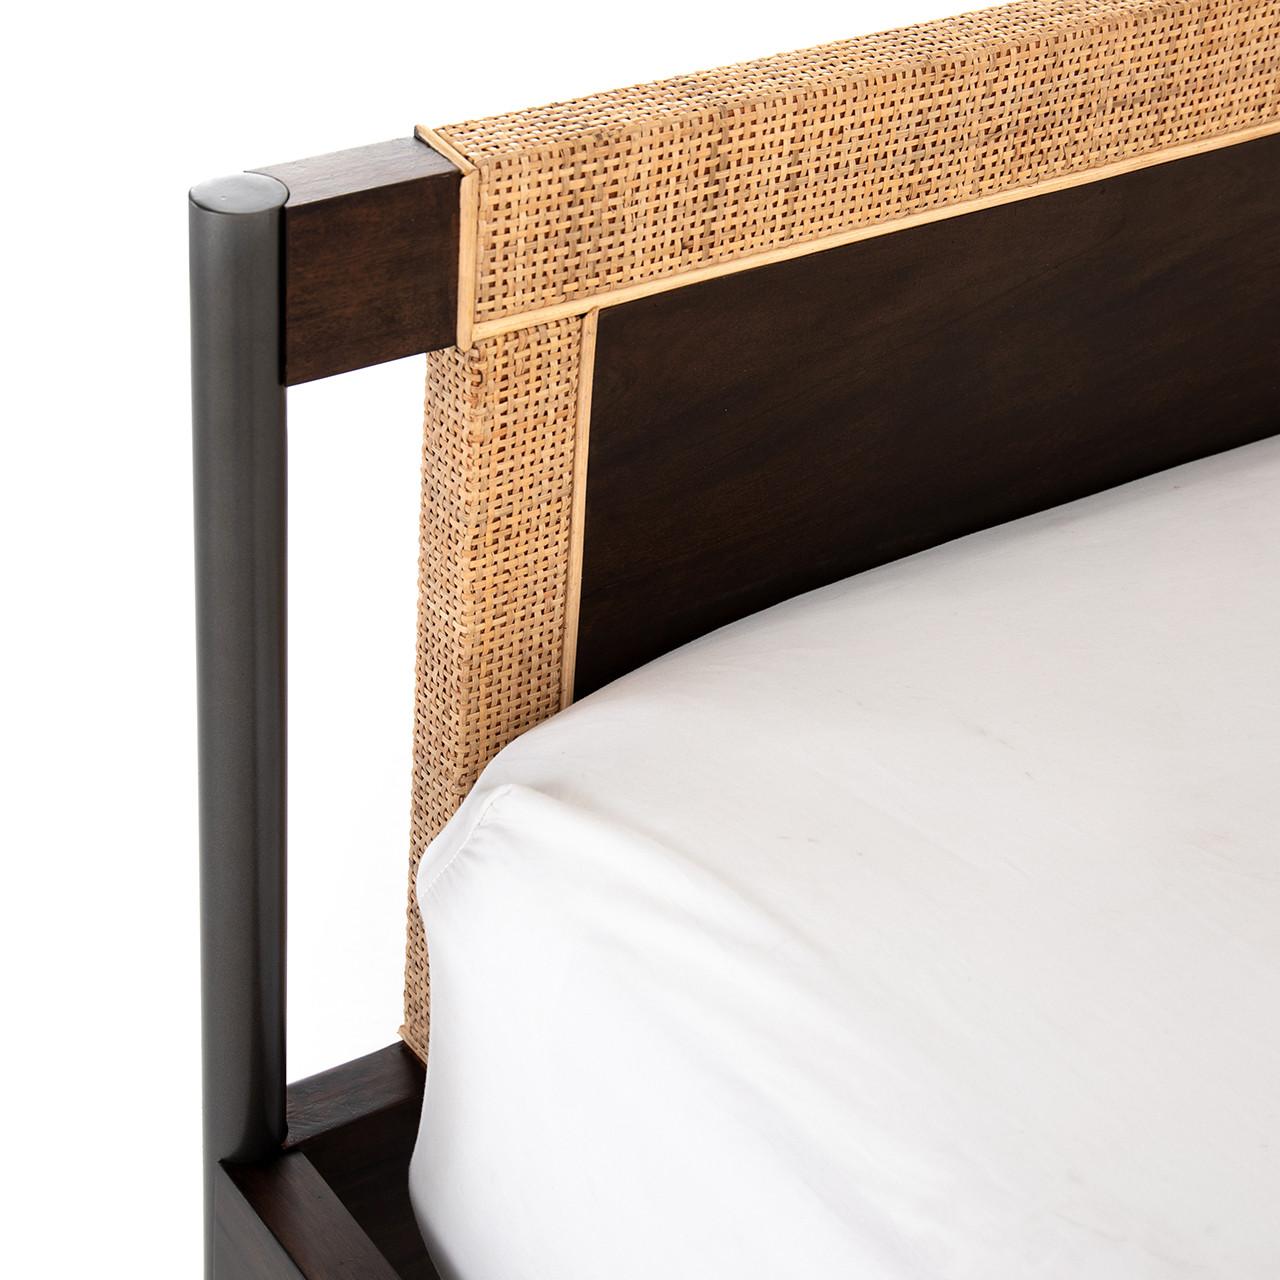 Jordan Natural Cane and Iron Bed